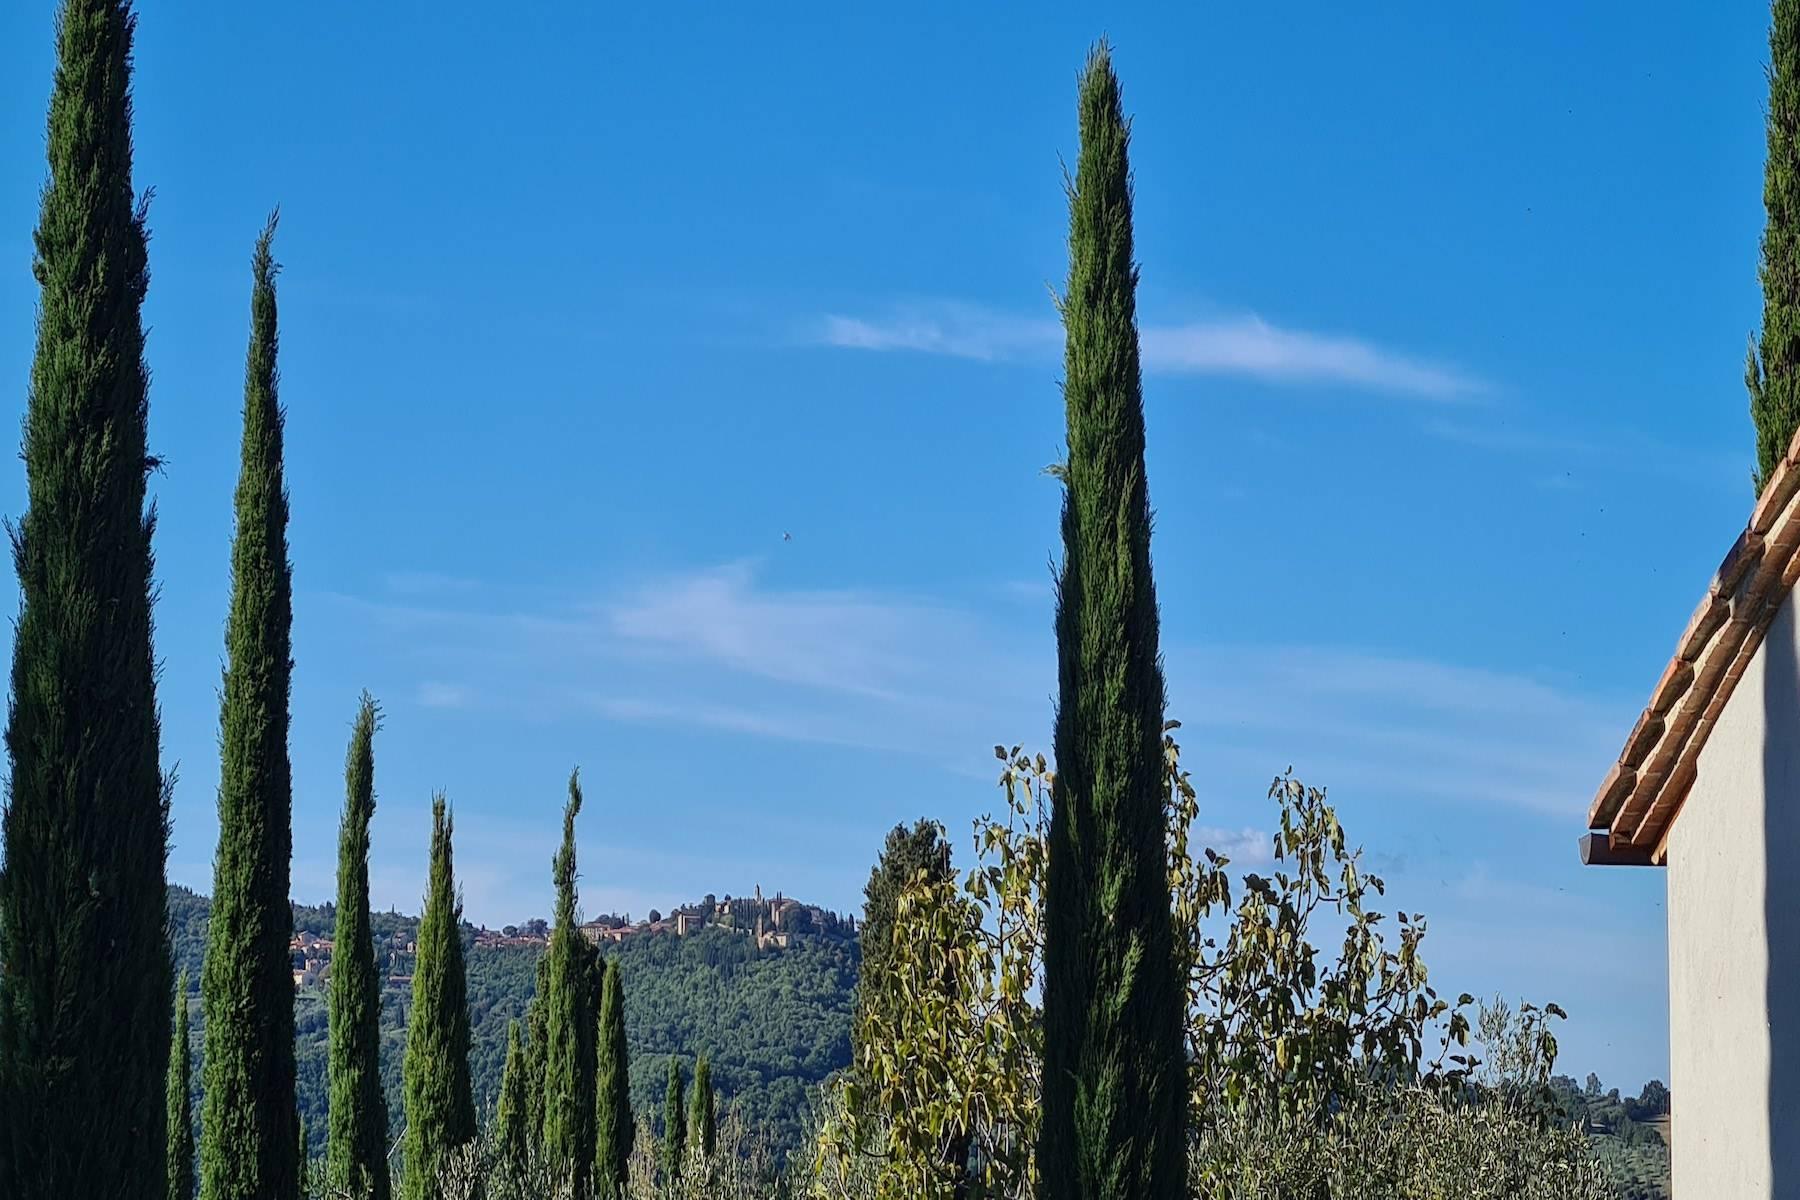 Rustico in Vendita a Montepulciano: 5 locali, 561 mq - Foto 29